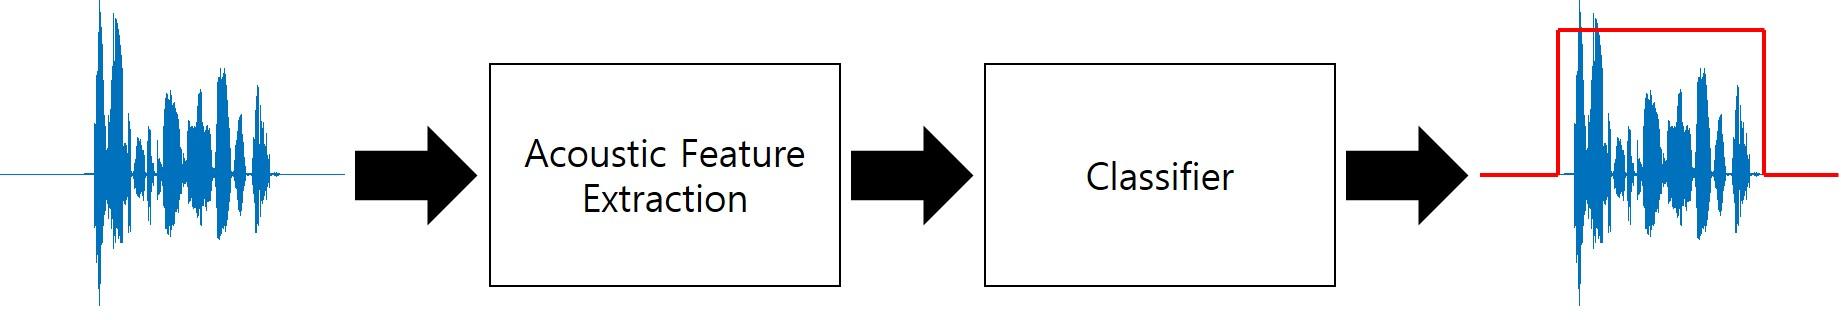 GitHub - jtkim-kaist/VAD: Voice activity detection (VAD) toolkit